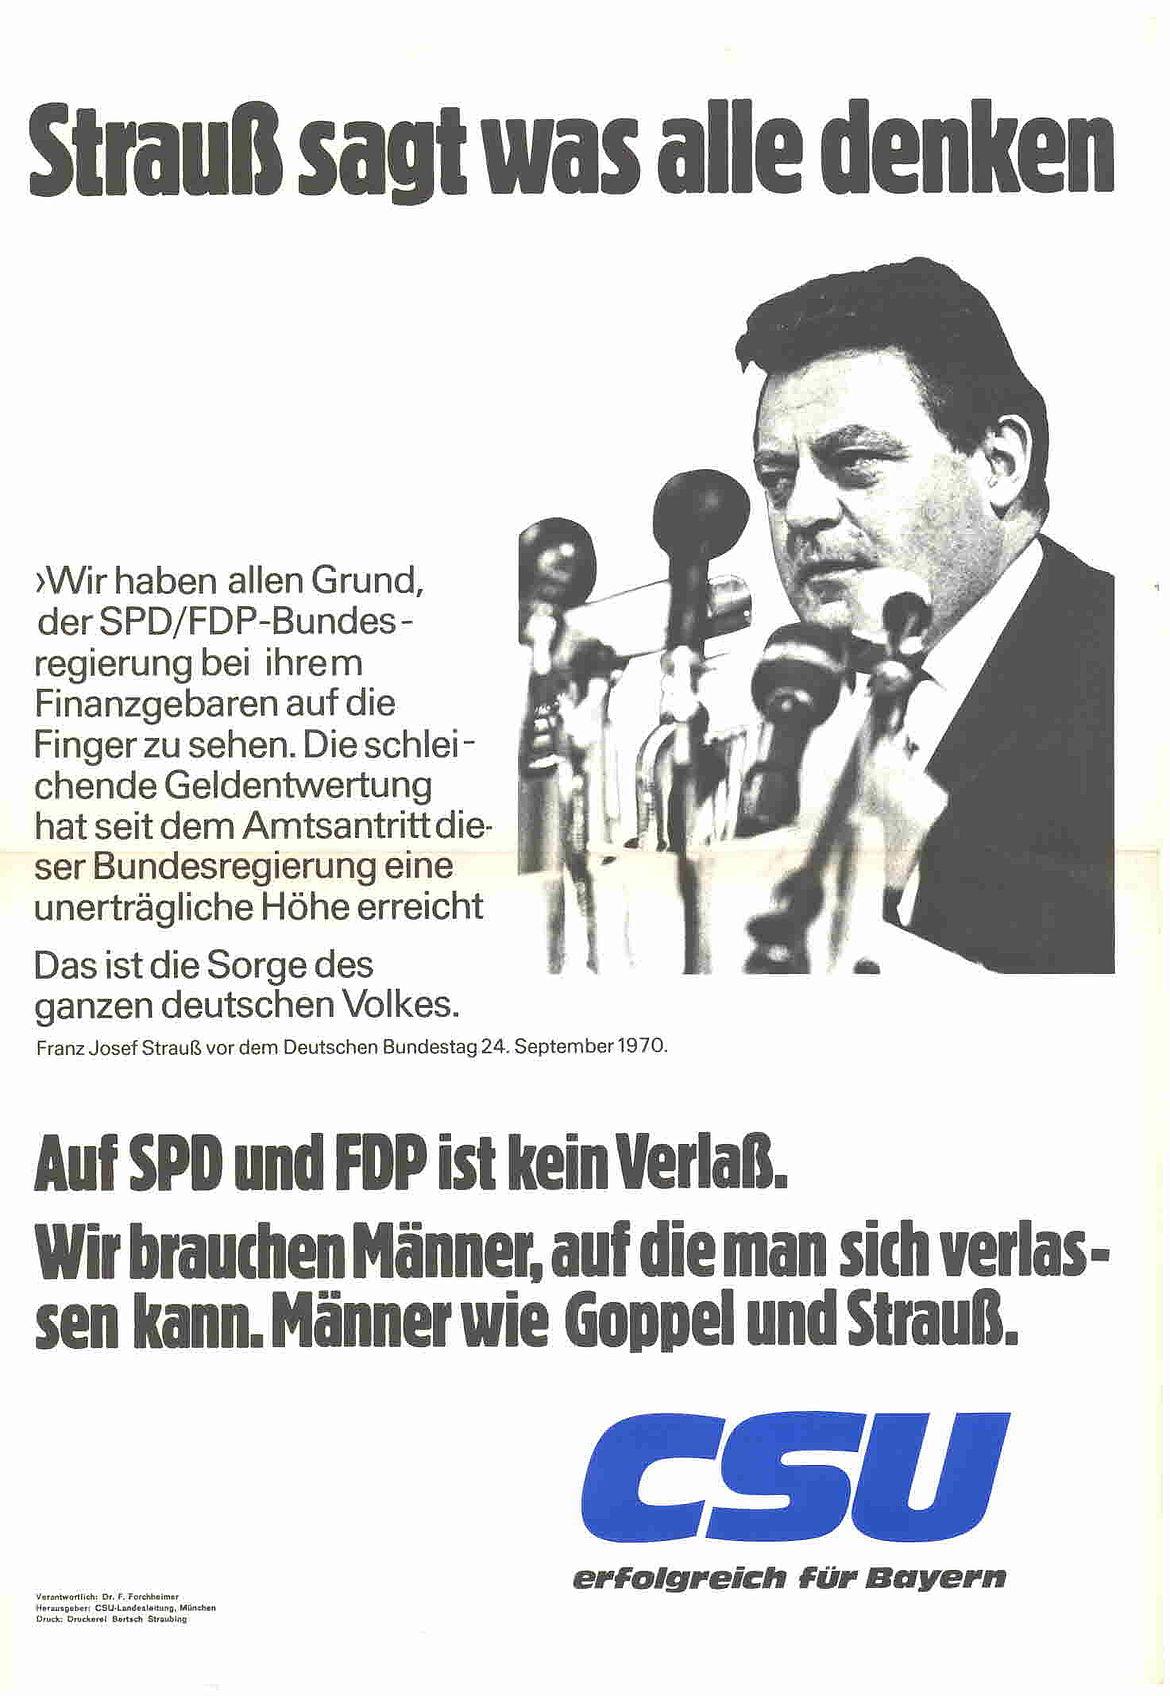 Plakat anlässlich der Landtagswahl in Bayern 1970